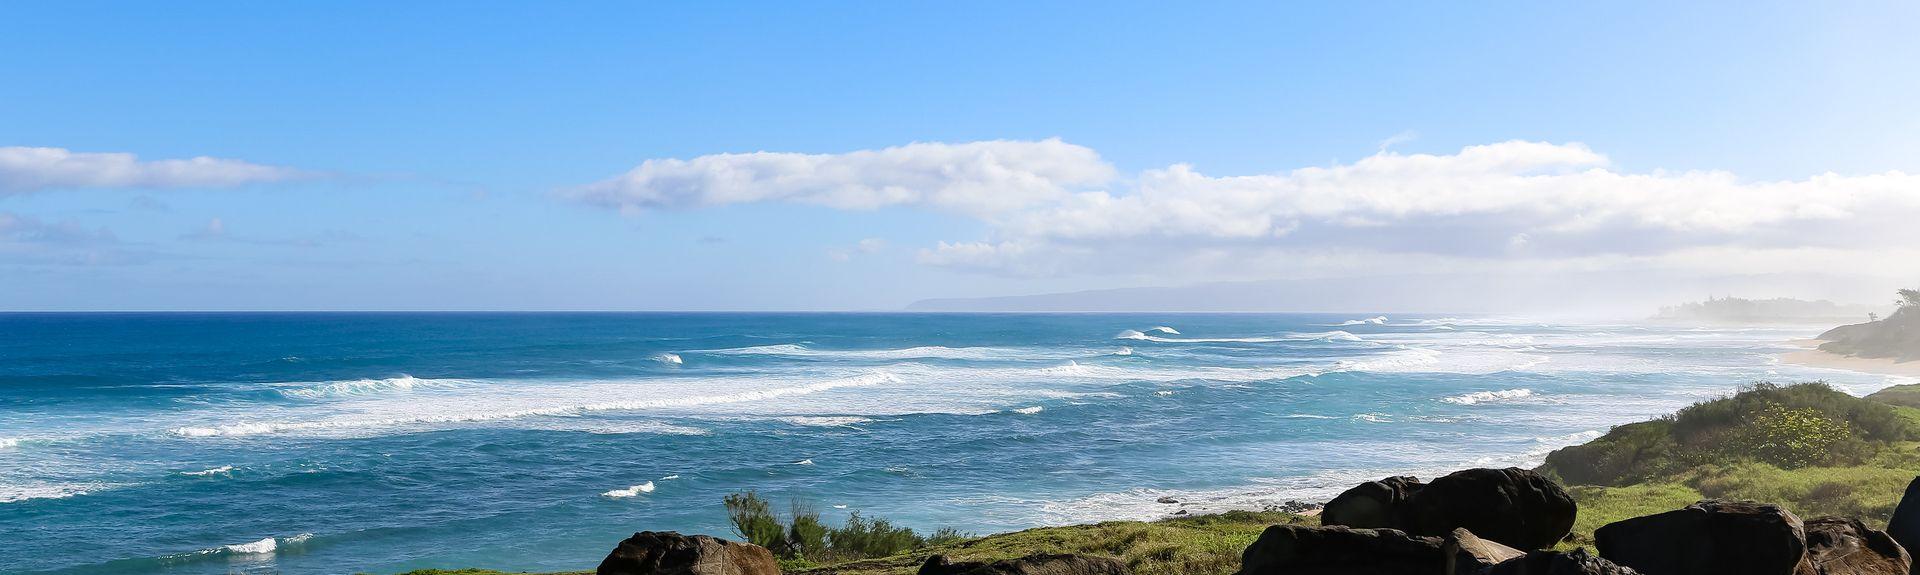 North Shore, Hawaii, USA